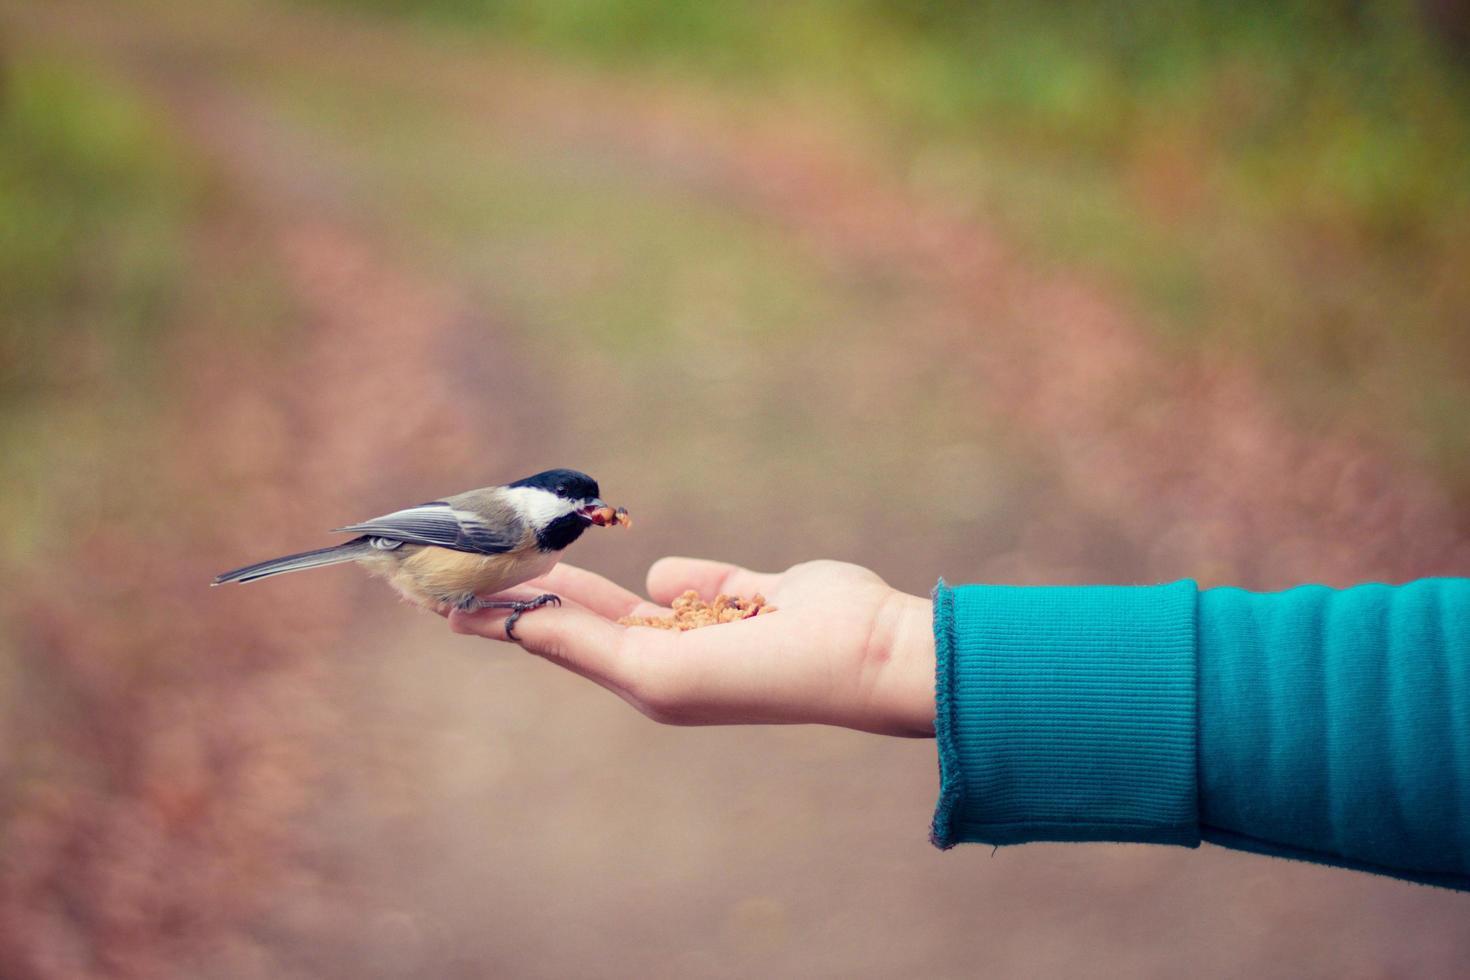 vogel eet uit de hand foto